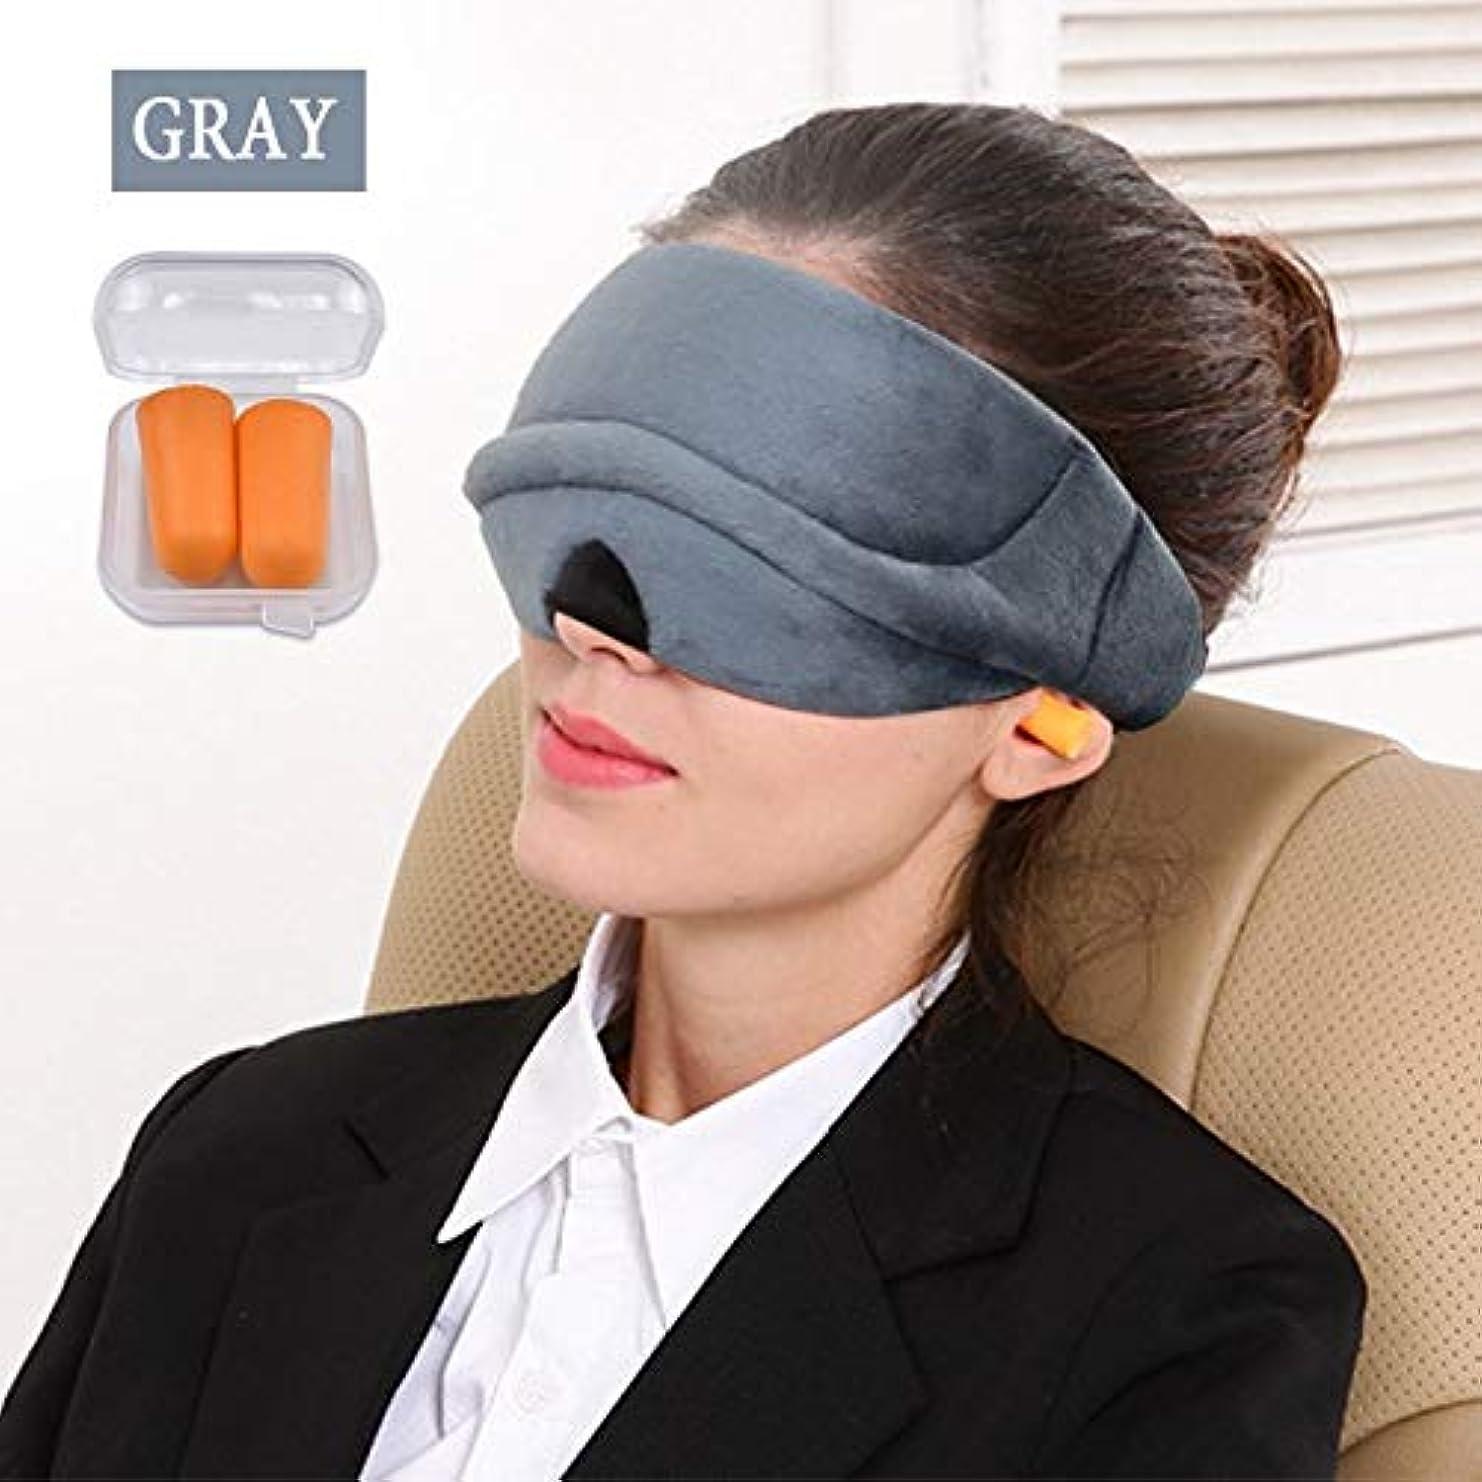 夢中原因規模NOTE 新しい睡眠アイマスクベルベットスーパーコンフォートアイシェードアイ包帯シェードカバー旅行リラックス援助目隠しブロックライト